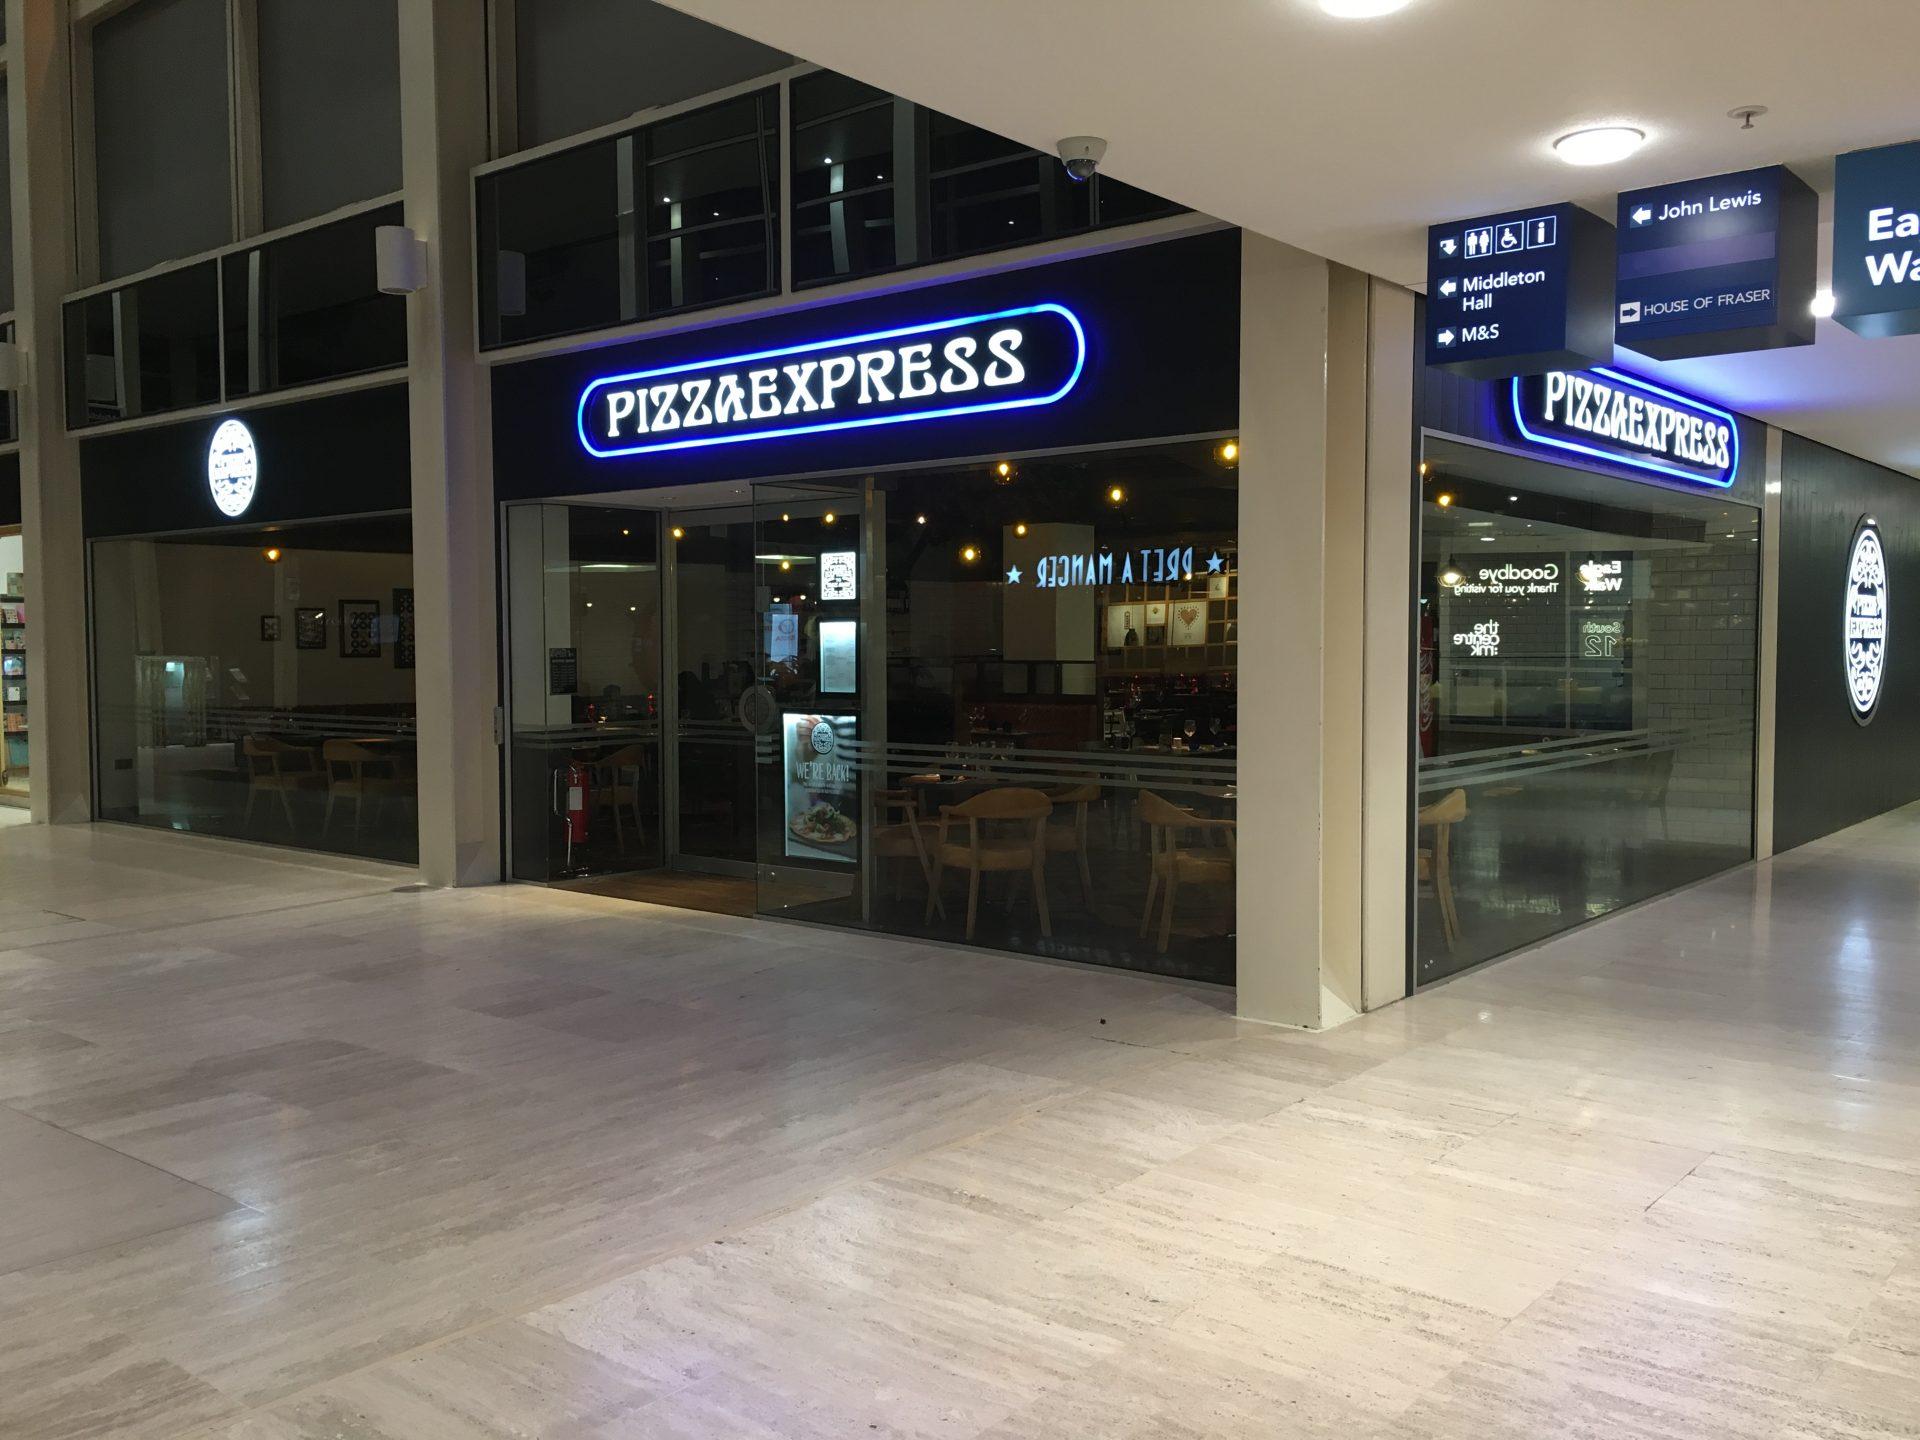 Pizza Express, Midsummer Arcade, Milton Keynes